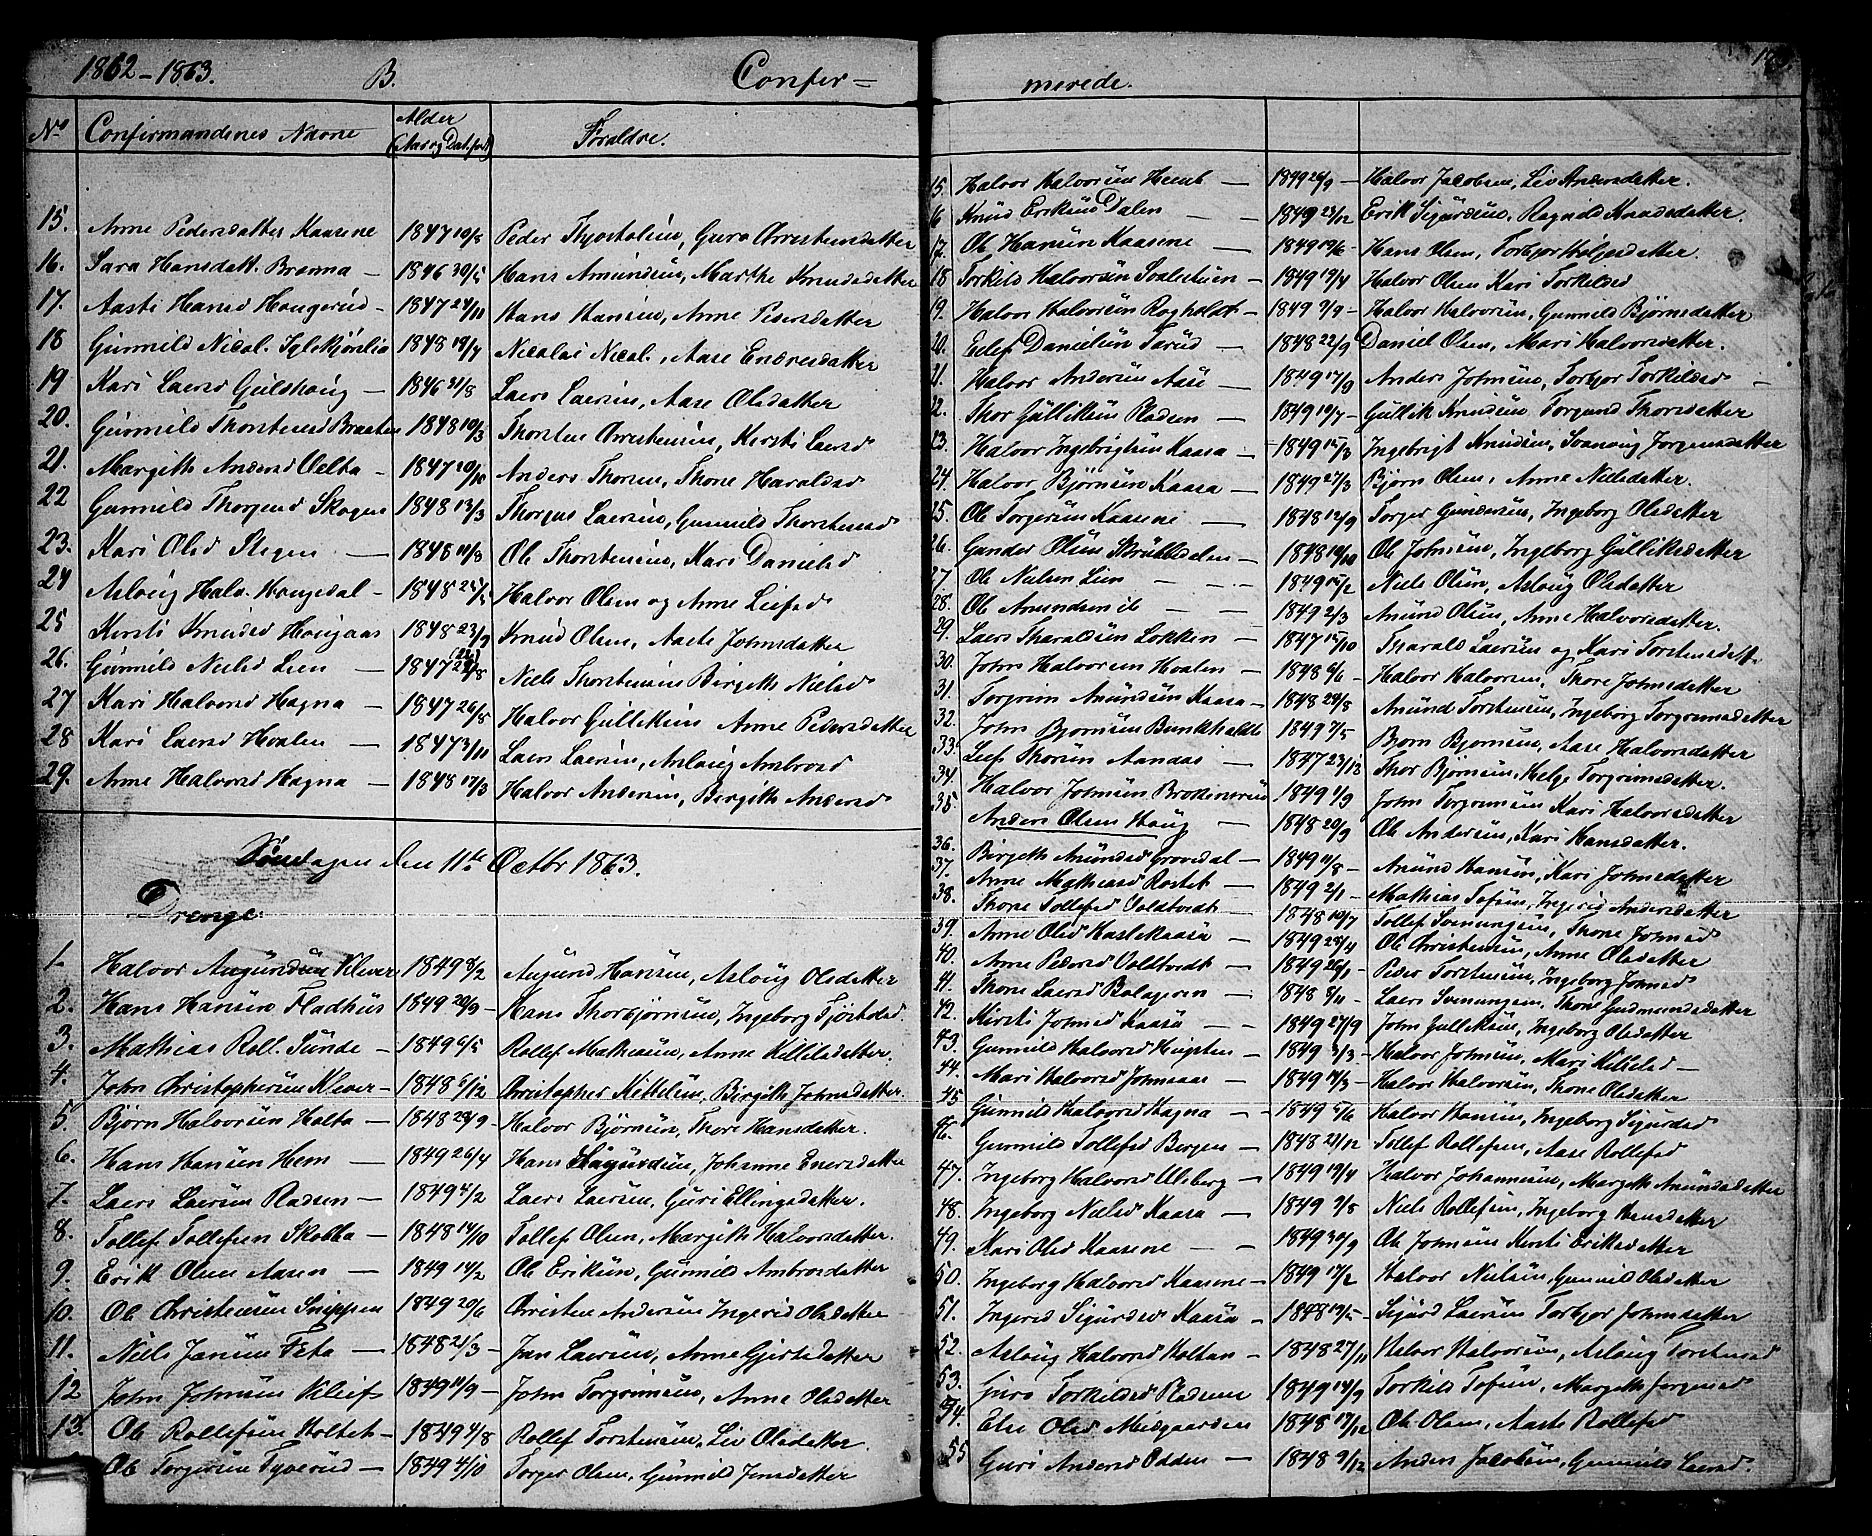 SAKO, Sauherad kirkebøker, G/Ga/L0002: Klokkerbok nr. I 2, 1842-1866, s. 173